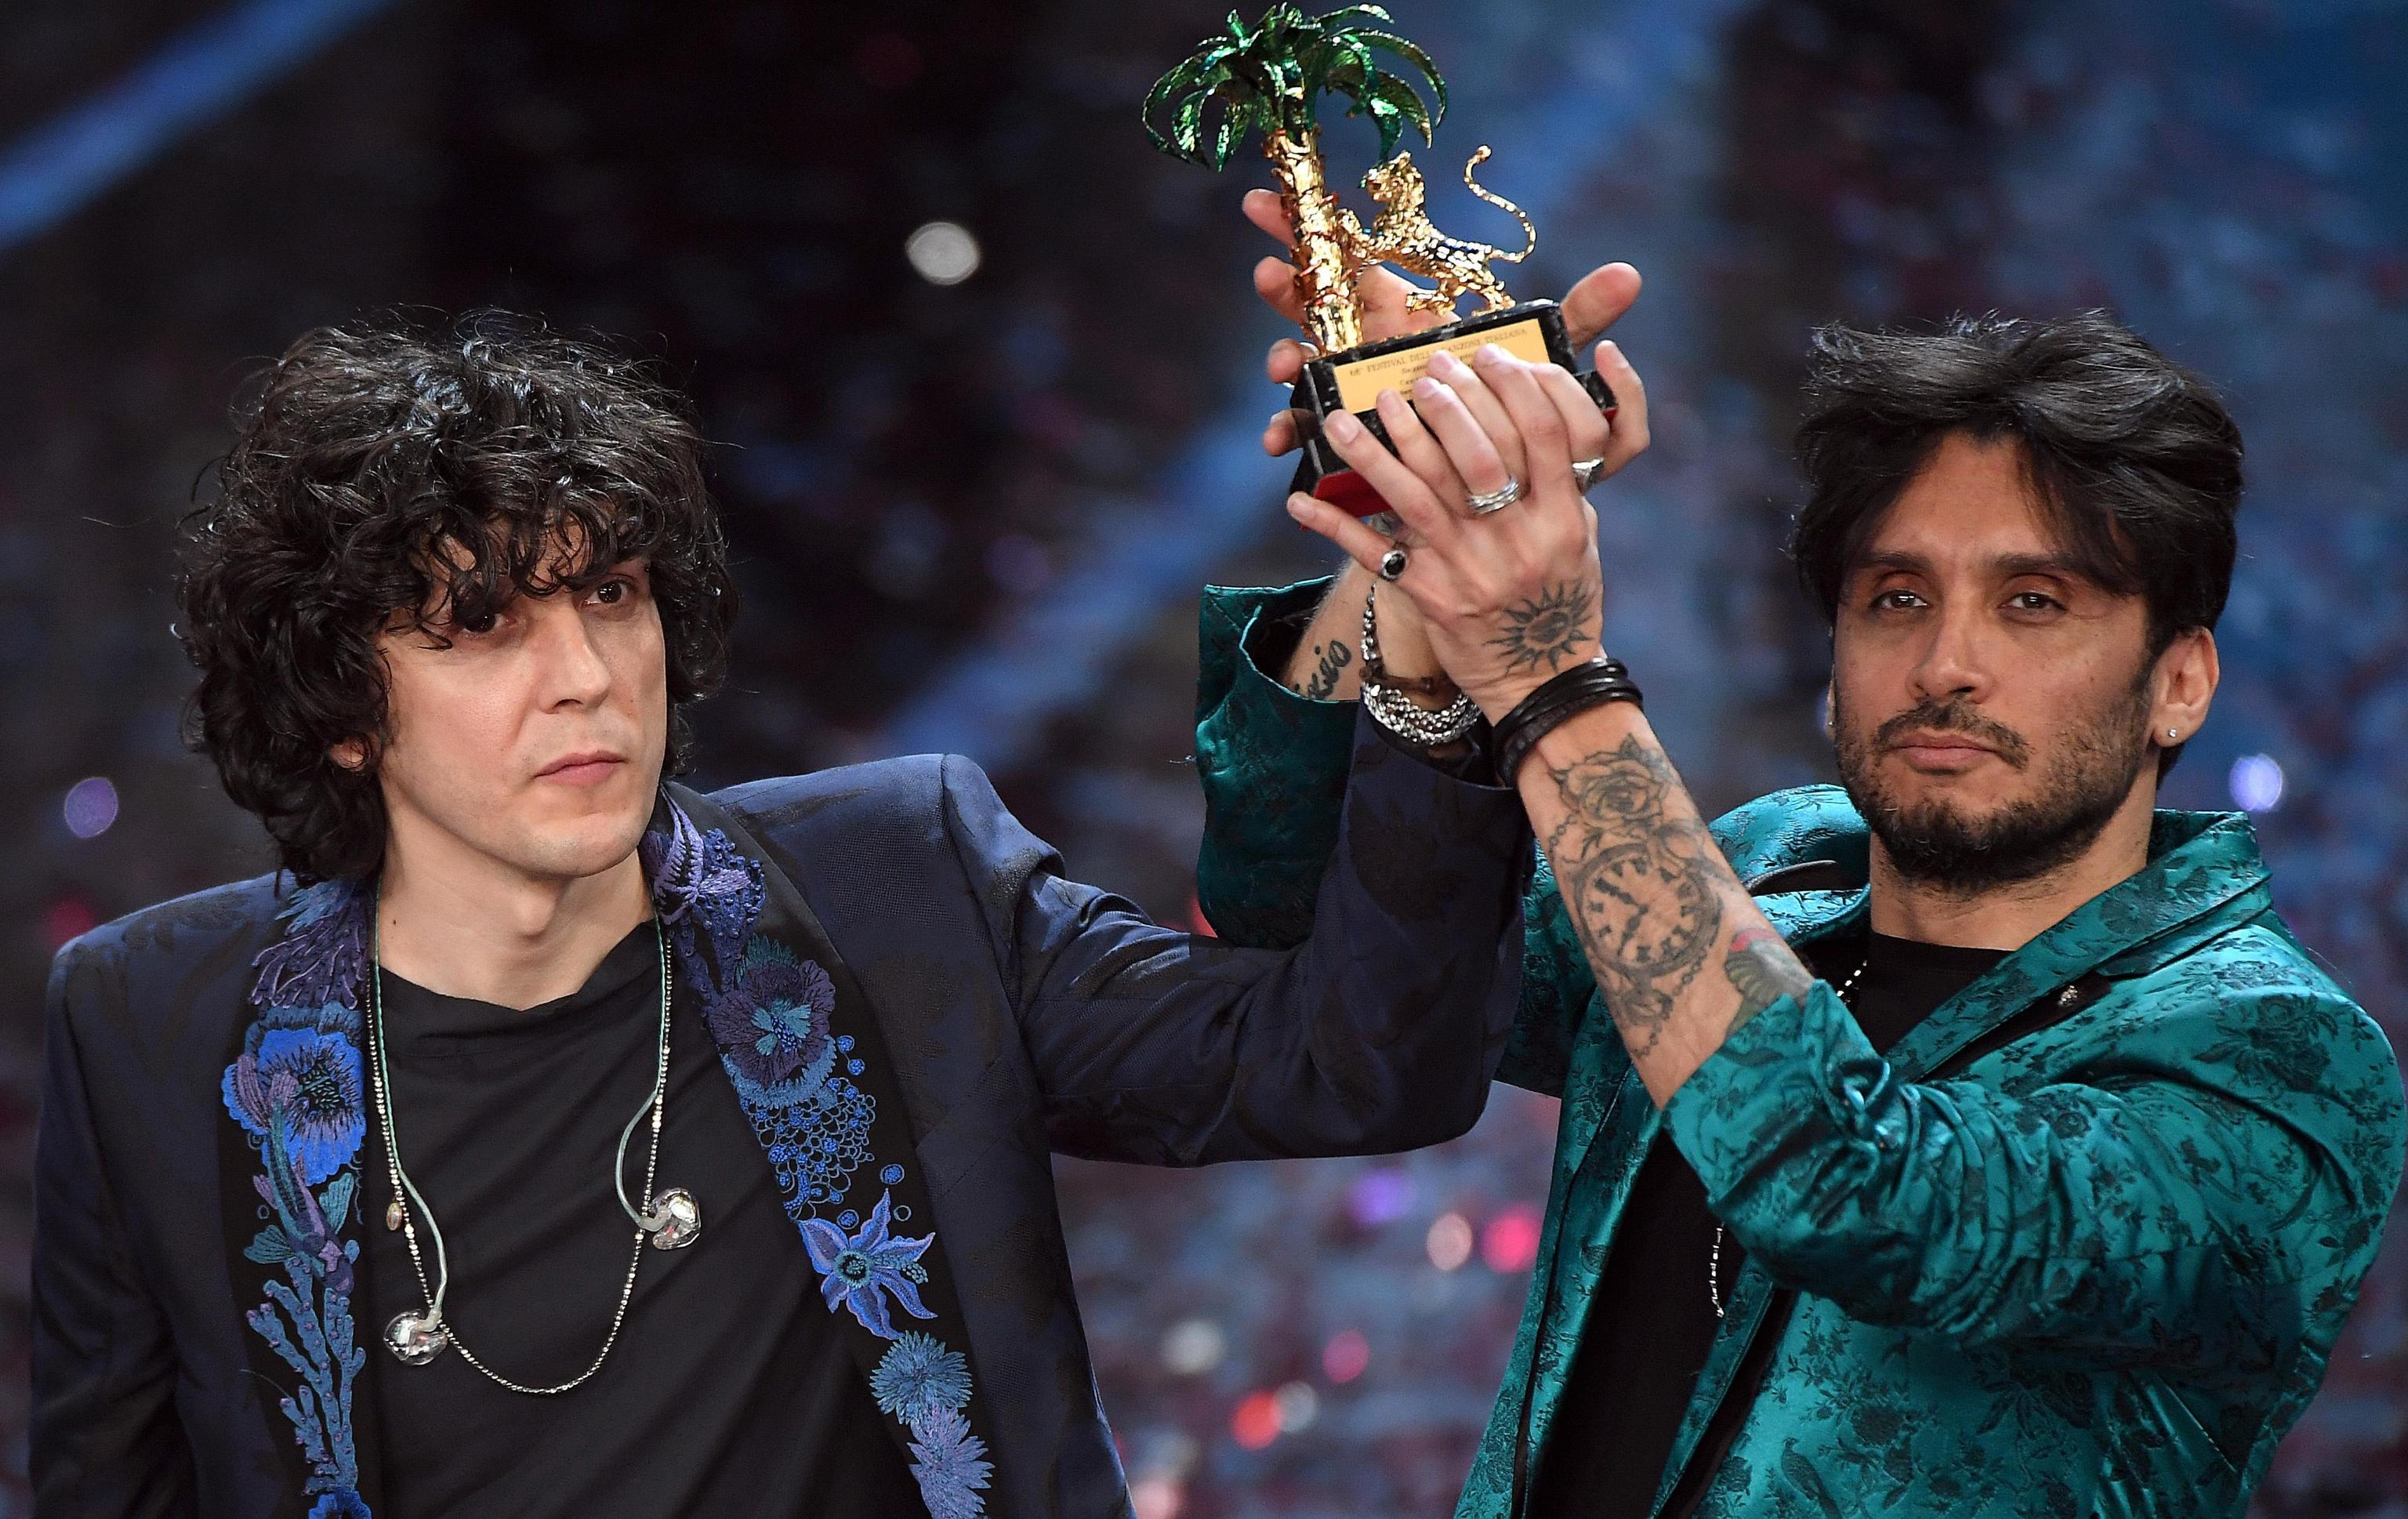 Sanremo 2018: il vincitore si sapeva prima della chiusura del televoto?